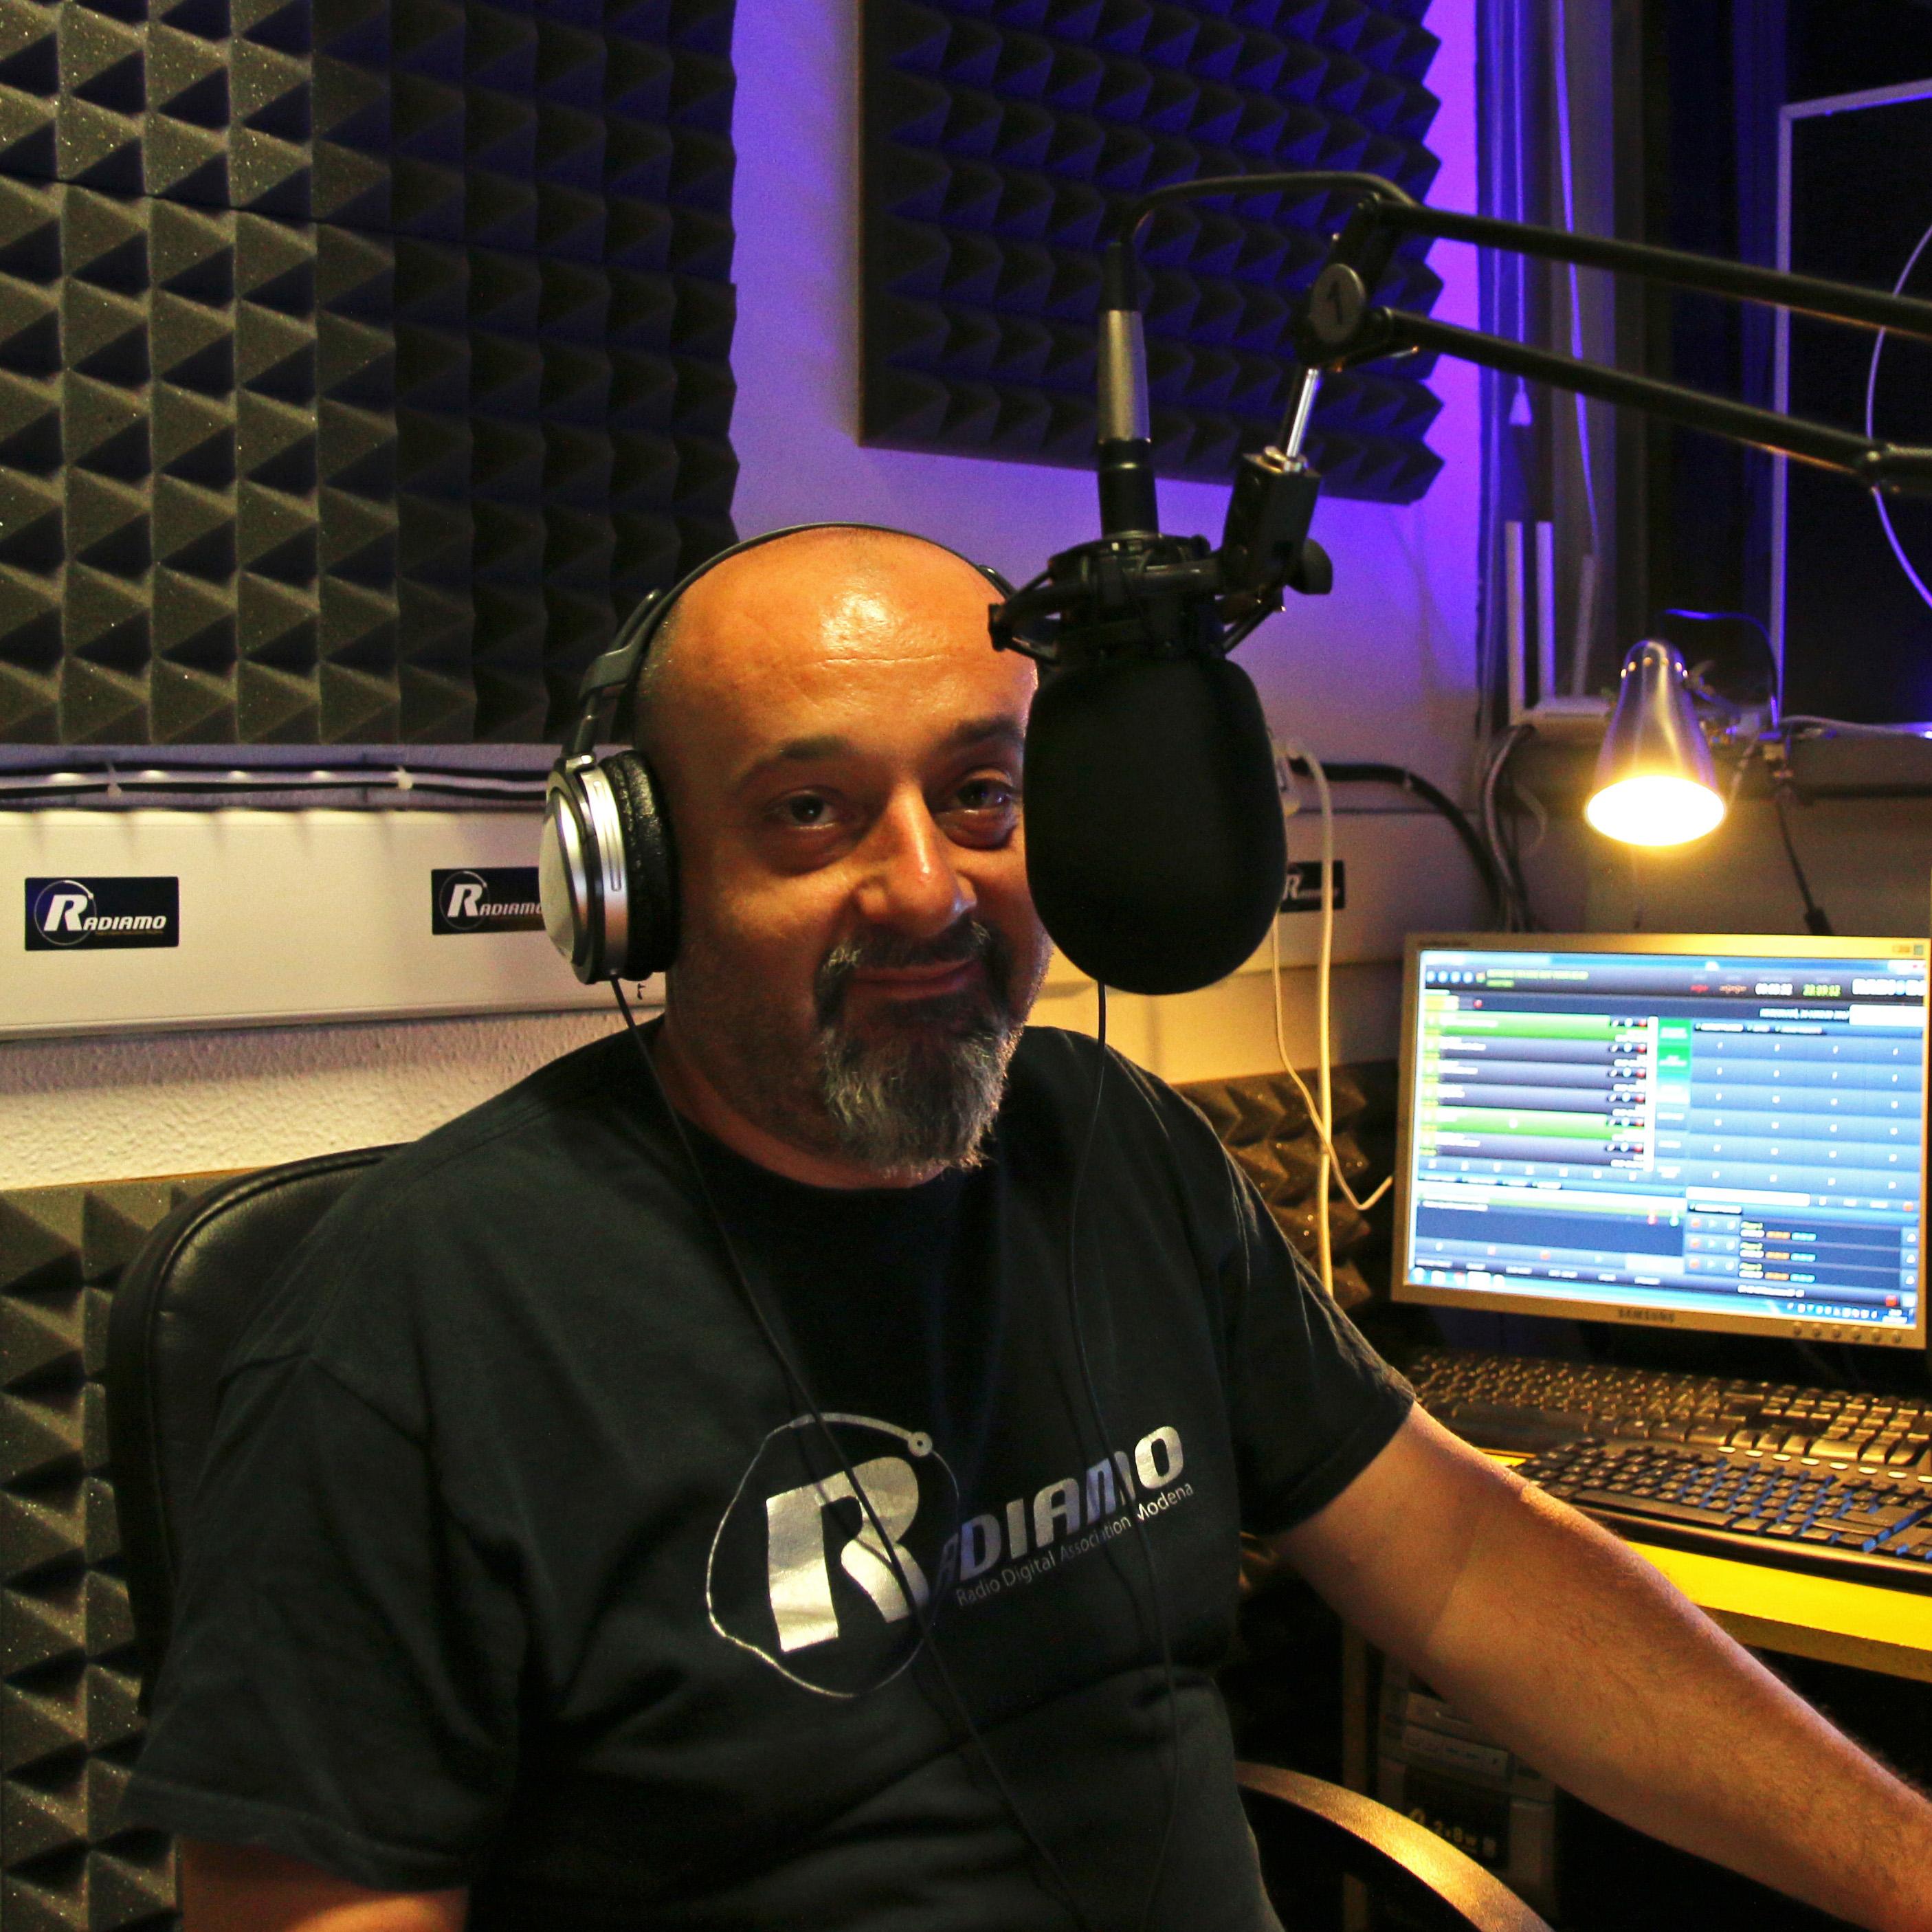 Gabriele Casoretti